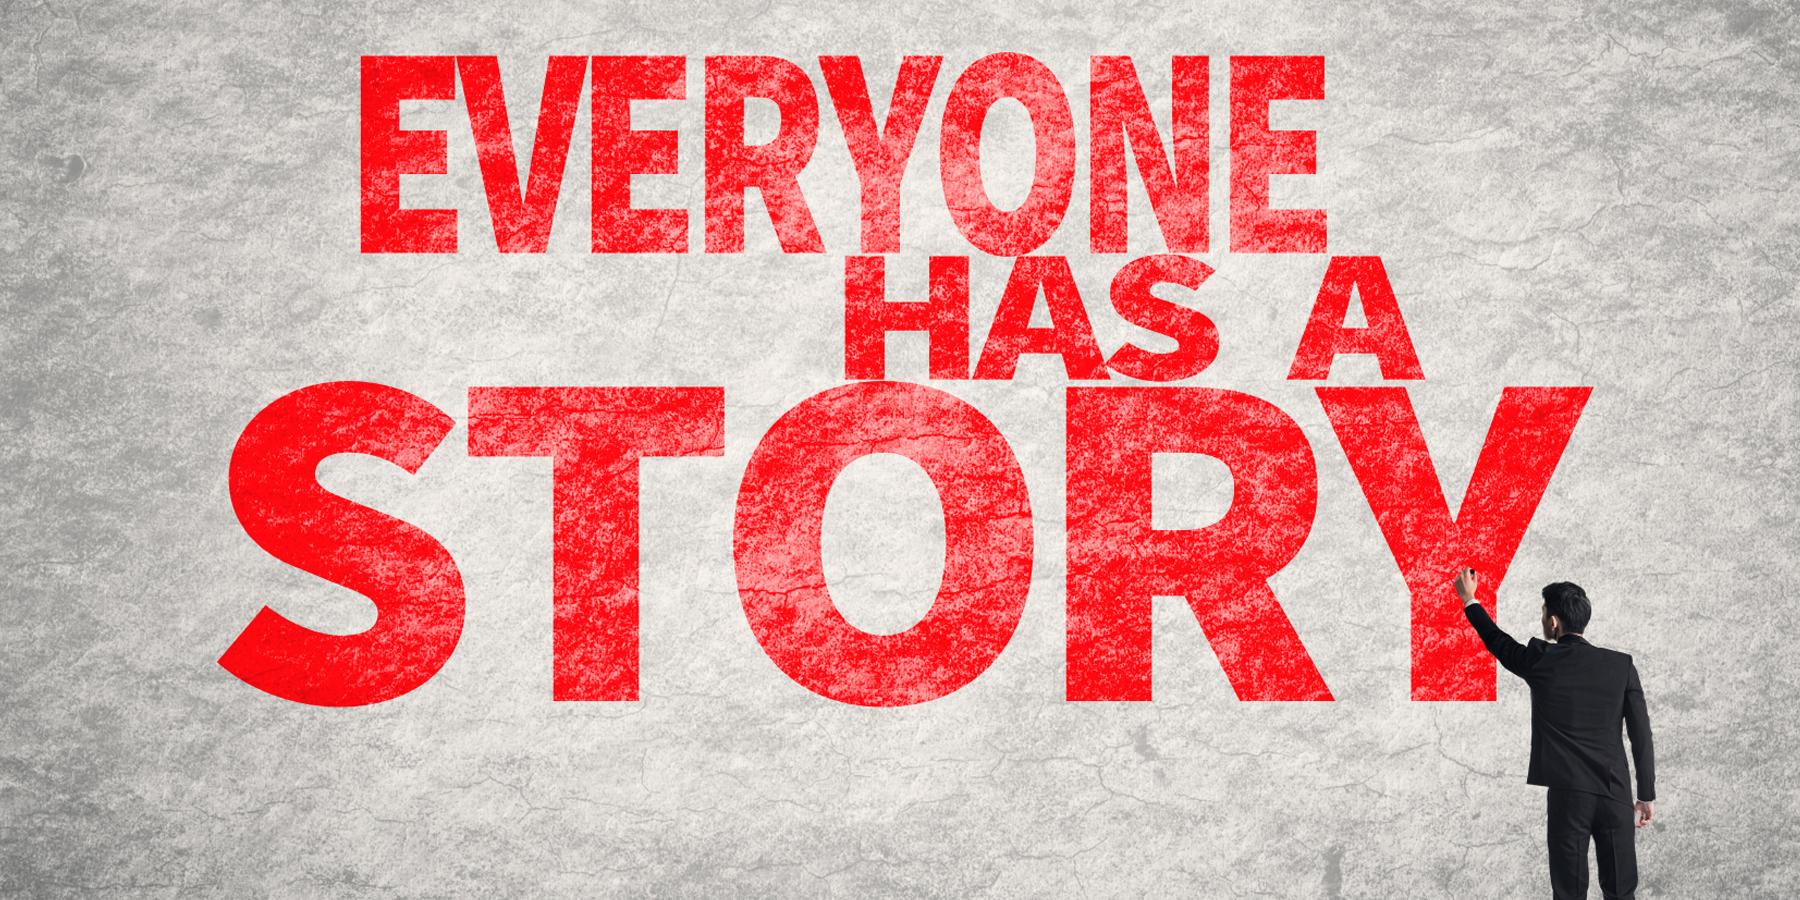 Strategic Storytelling in PR - Reputation Today